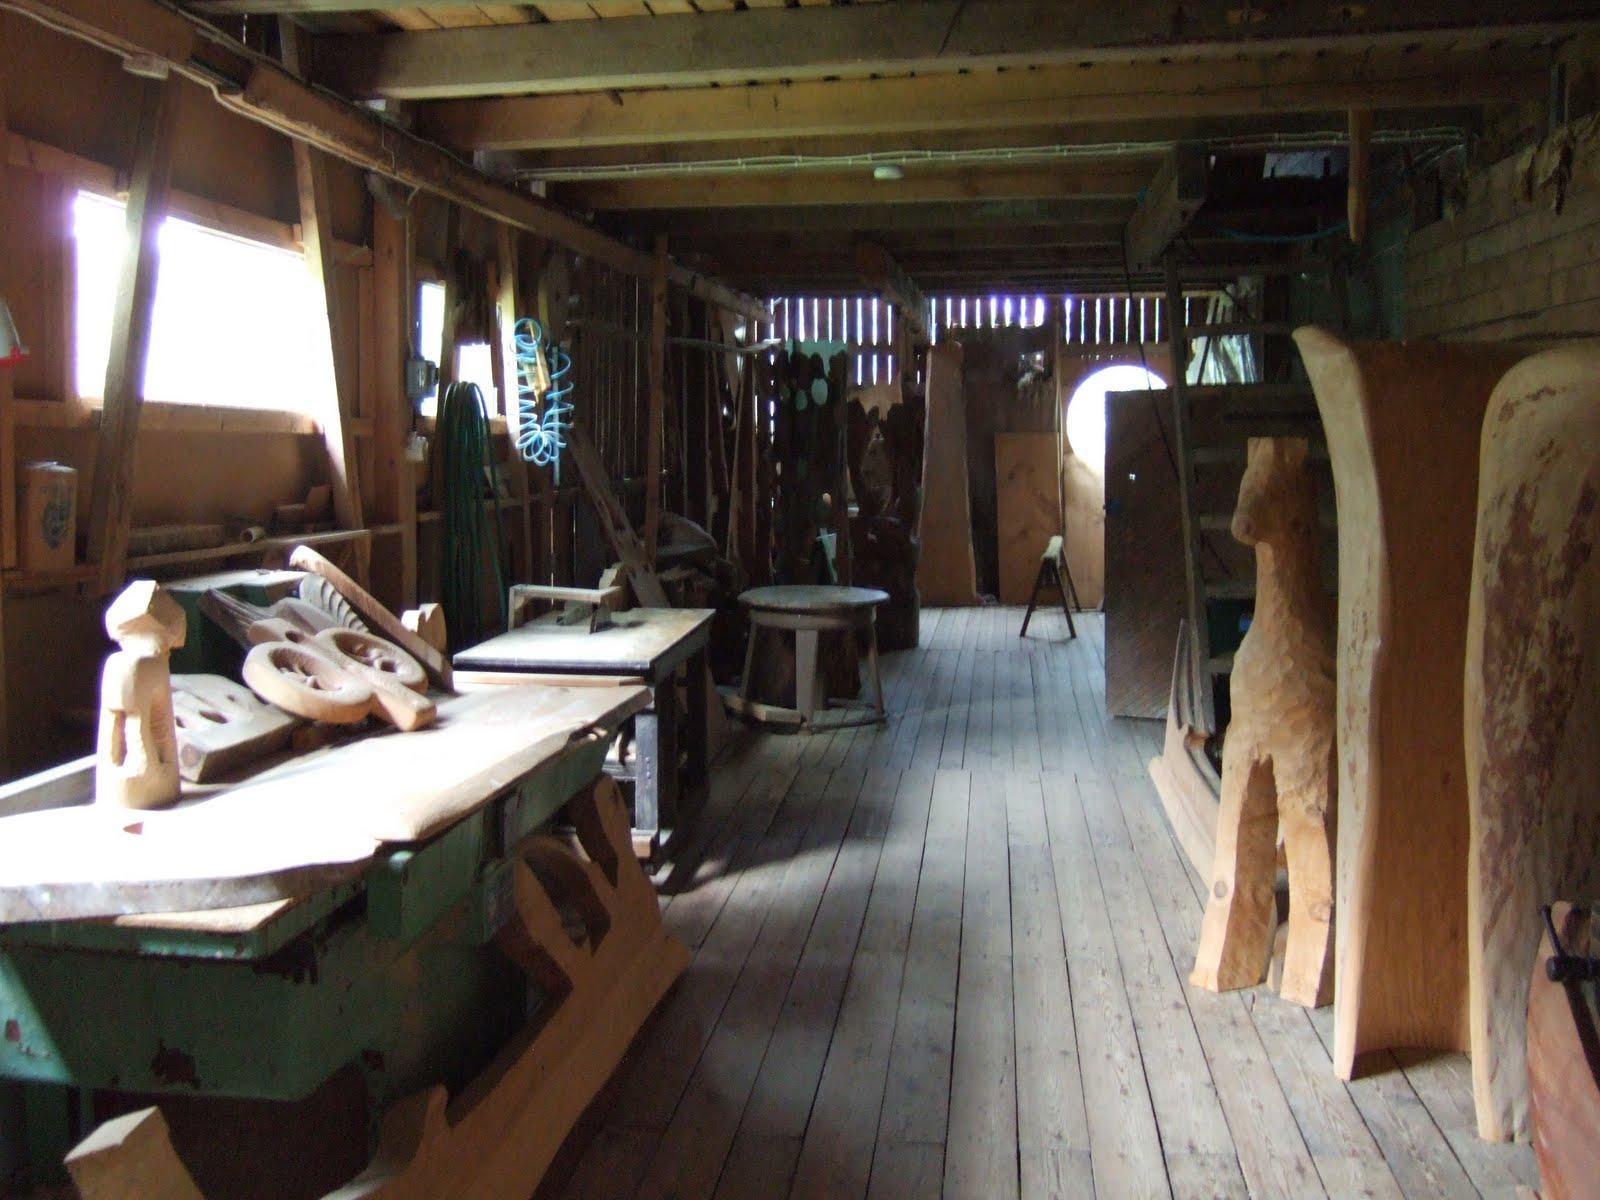 Paateri - Maison atelier de Eva Ryynänen